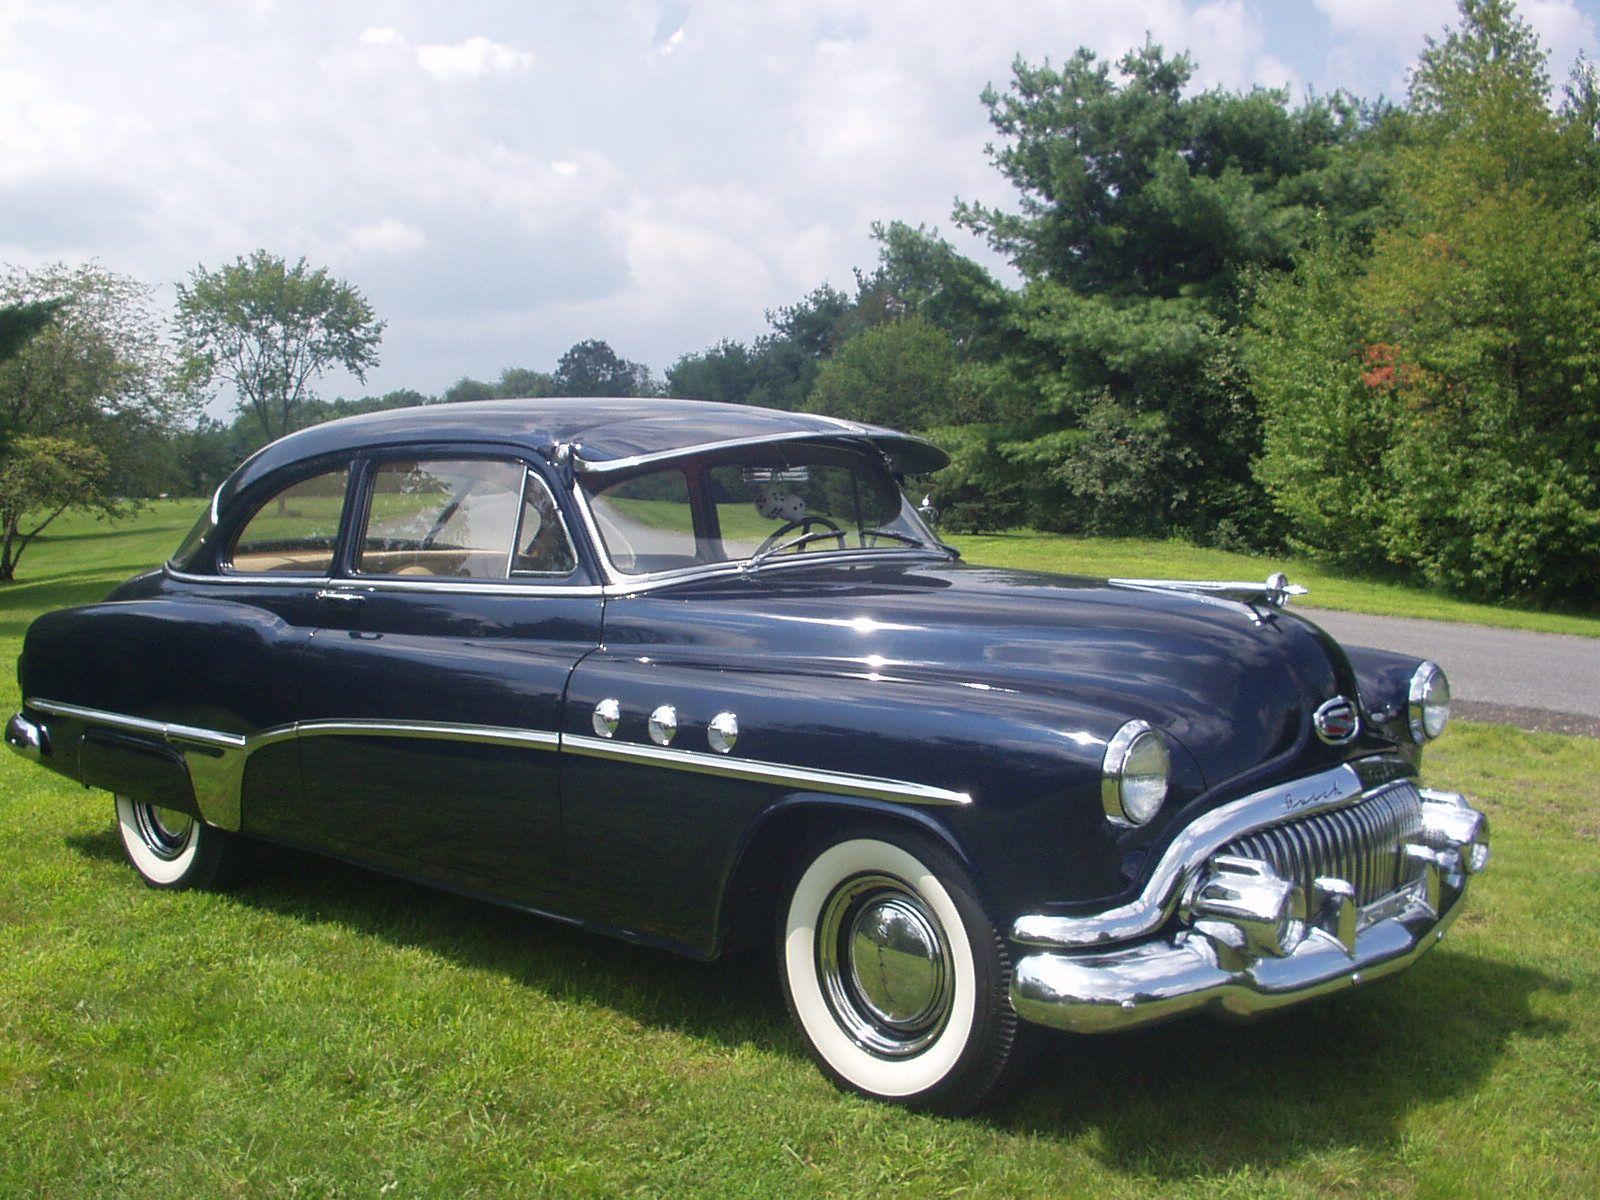 1951 Buick Special DeLuxe Two Door Sedan car of my childhood | My ...